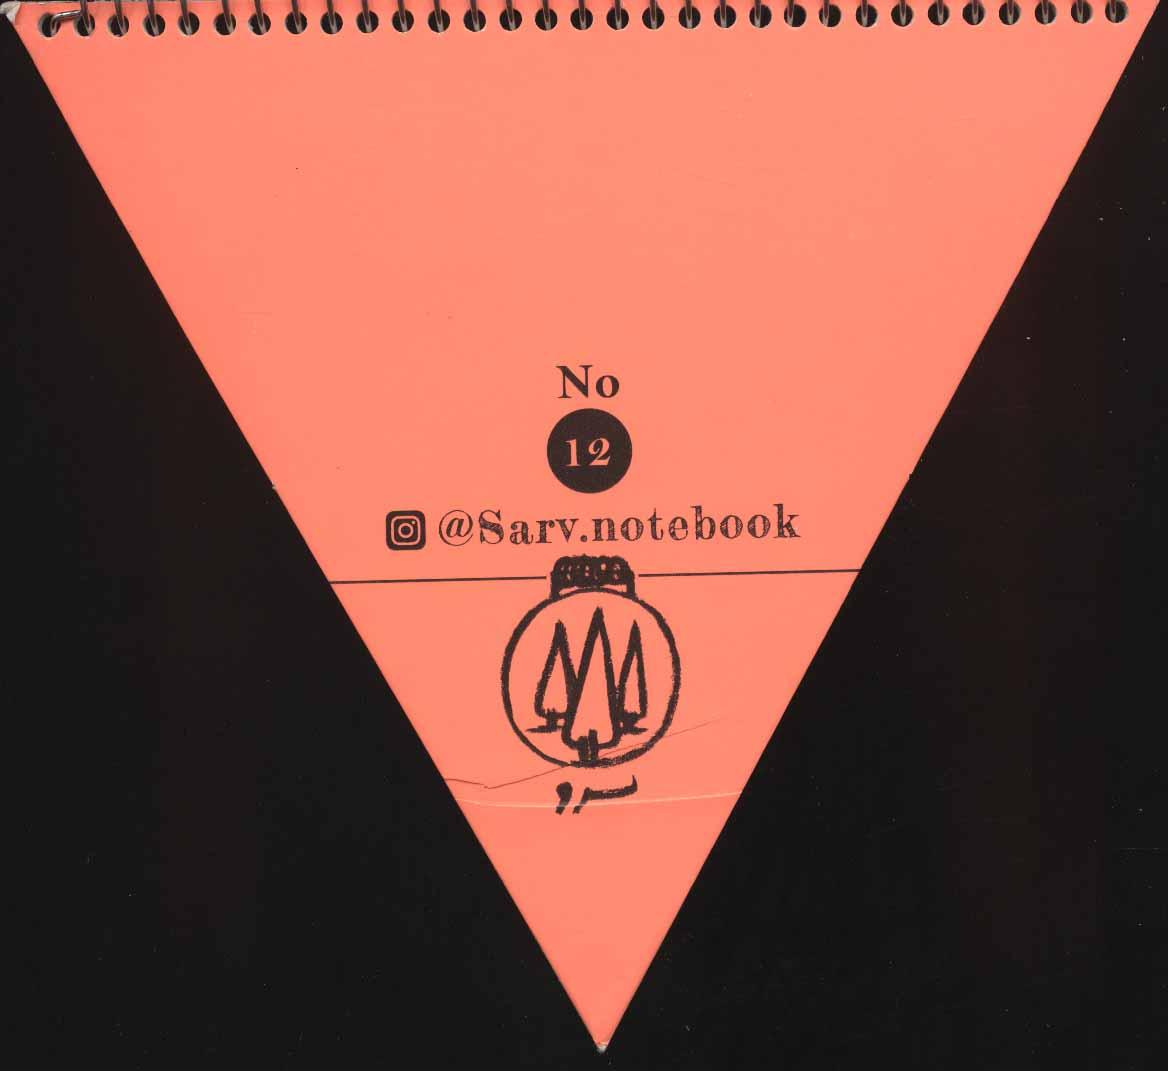 دفتر یادداشت خط دار بزرگ مثلث (3طرح)،(سیمی)